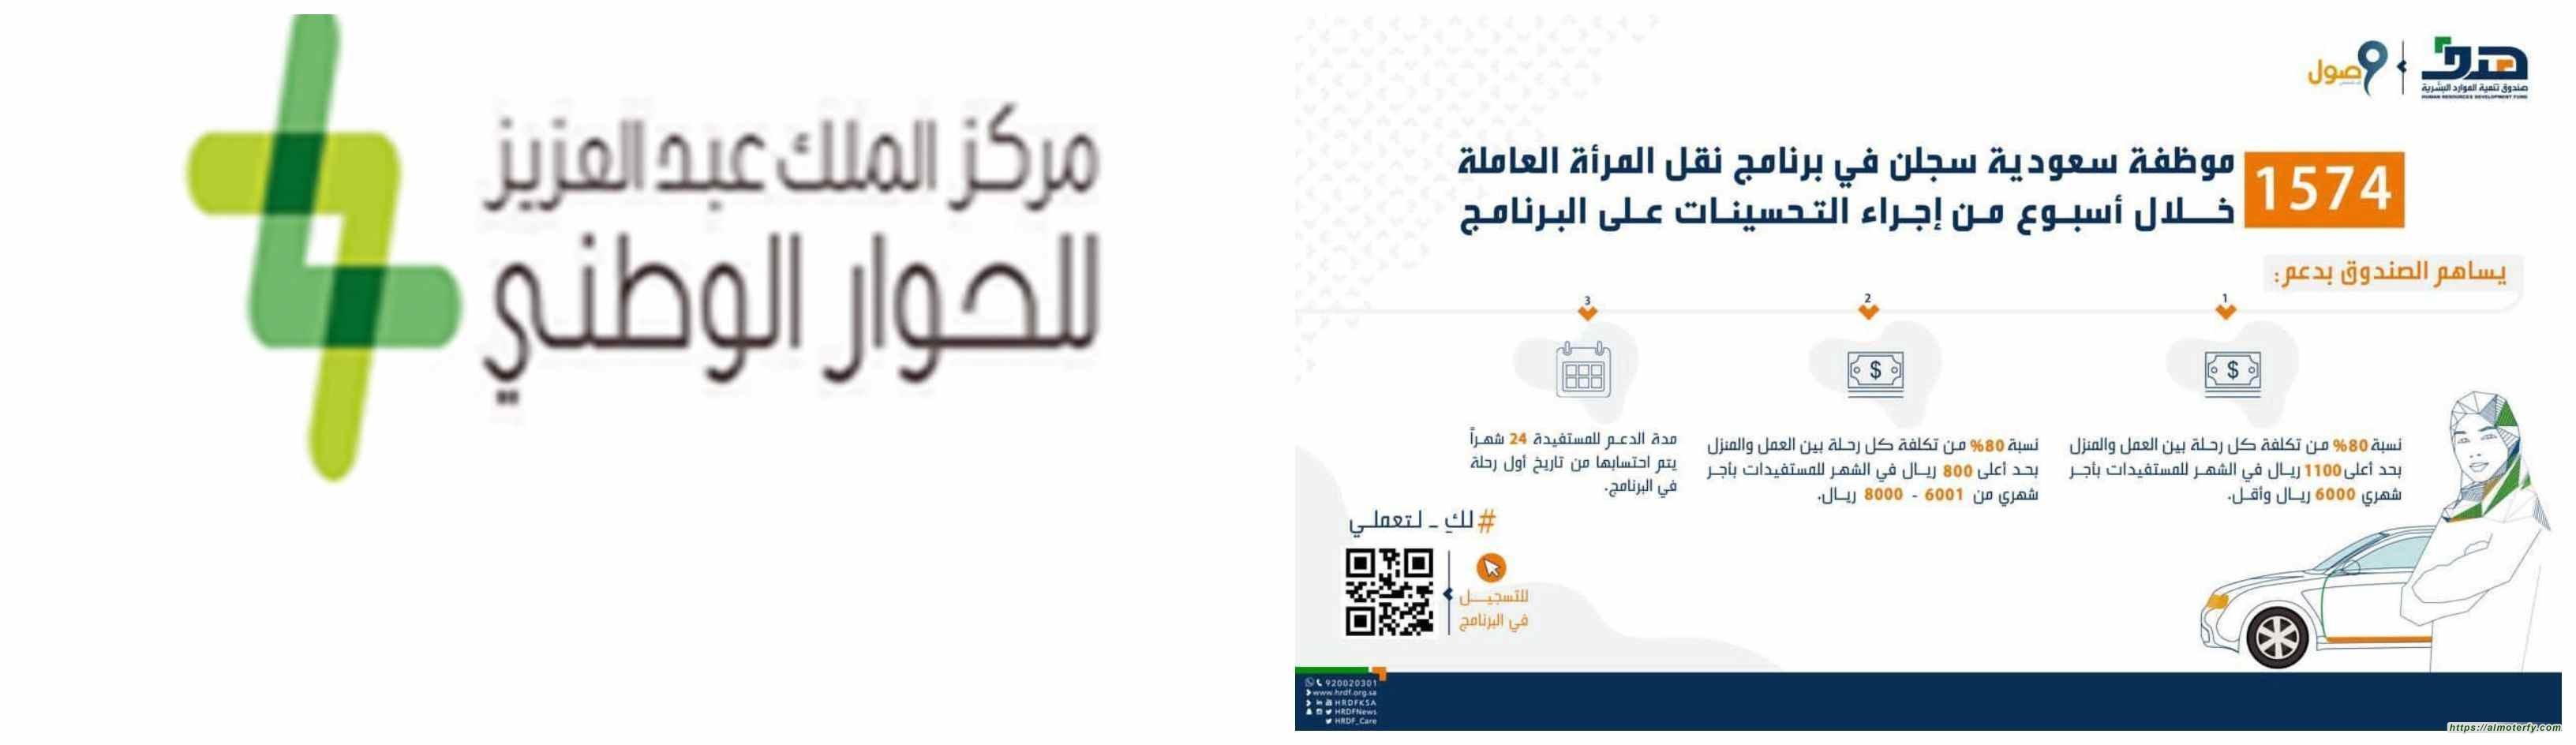 """""""هدف"""": 1574 موظفة سعودية سجلن في برنامج نقل المرأة العاملة خلال أسبوع من إجراء التحسينات على البرنامج"""